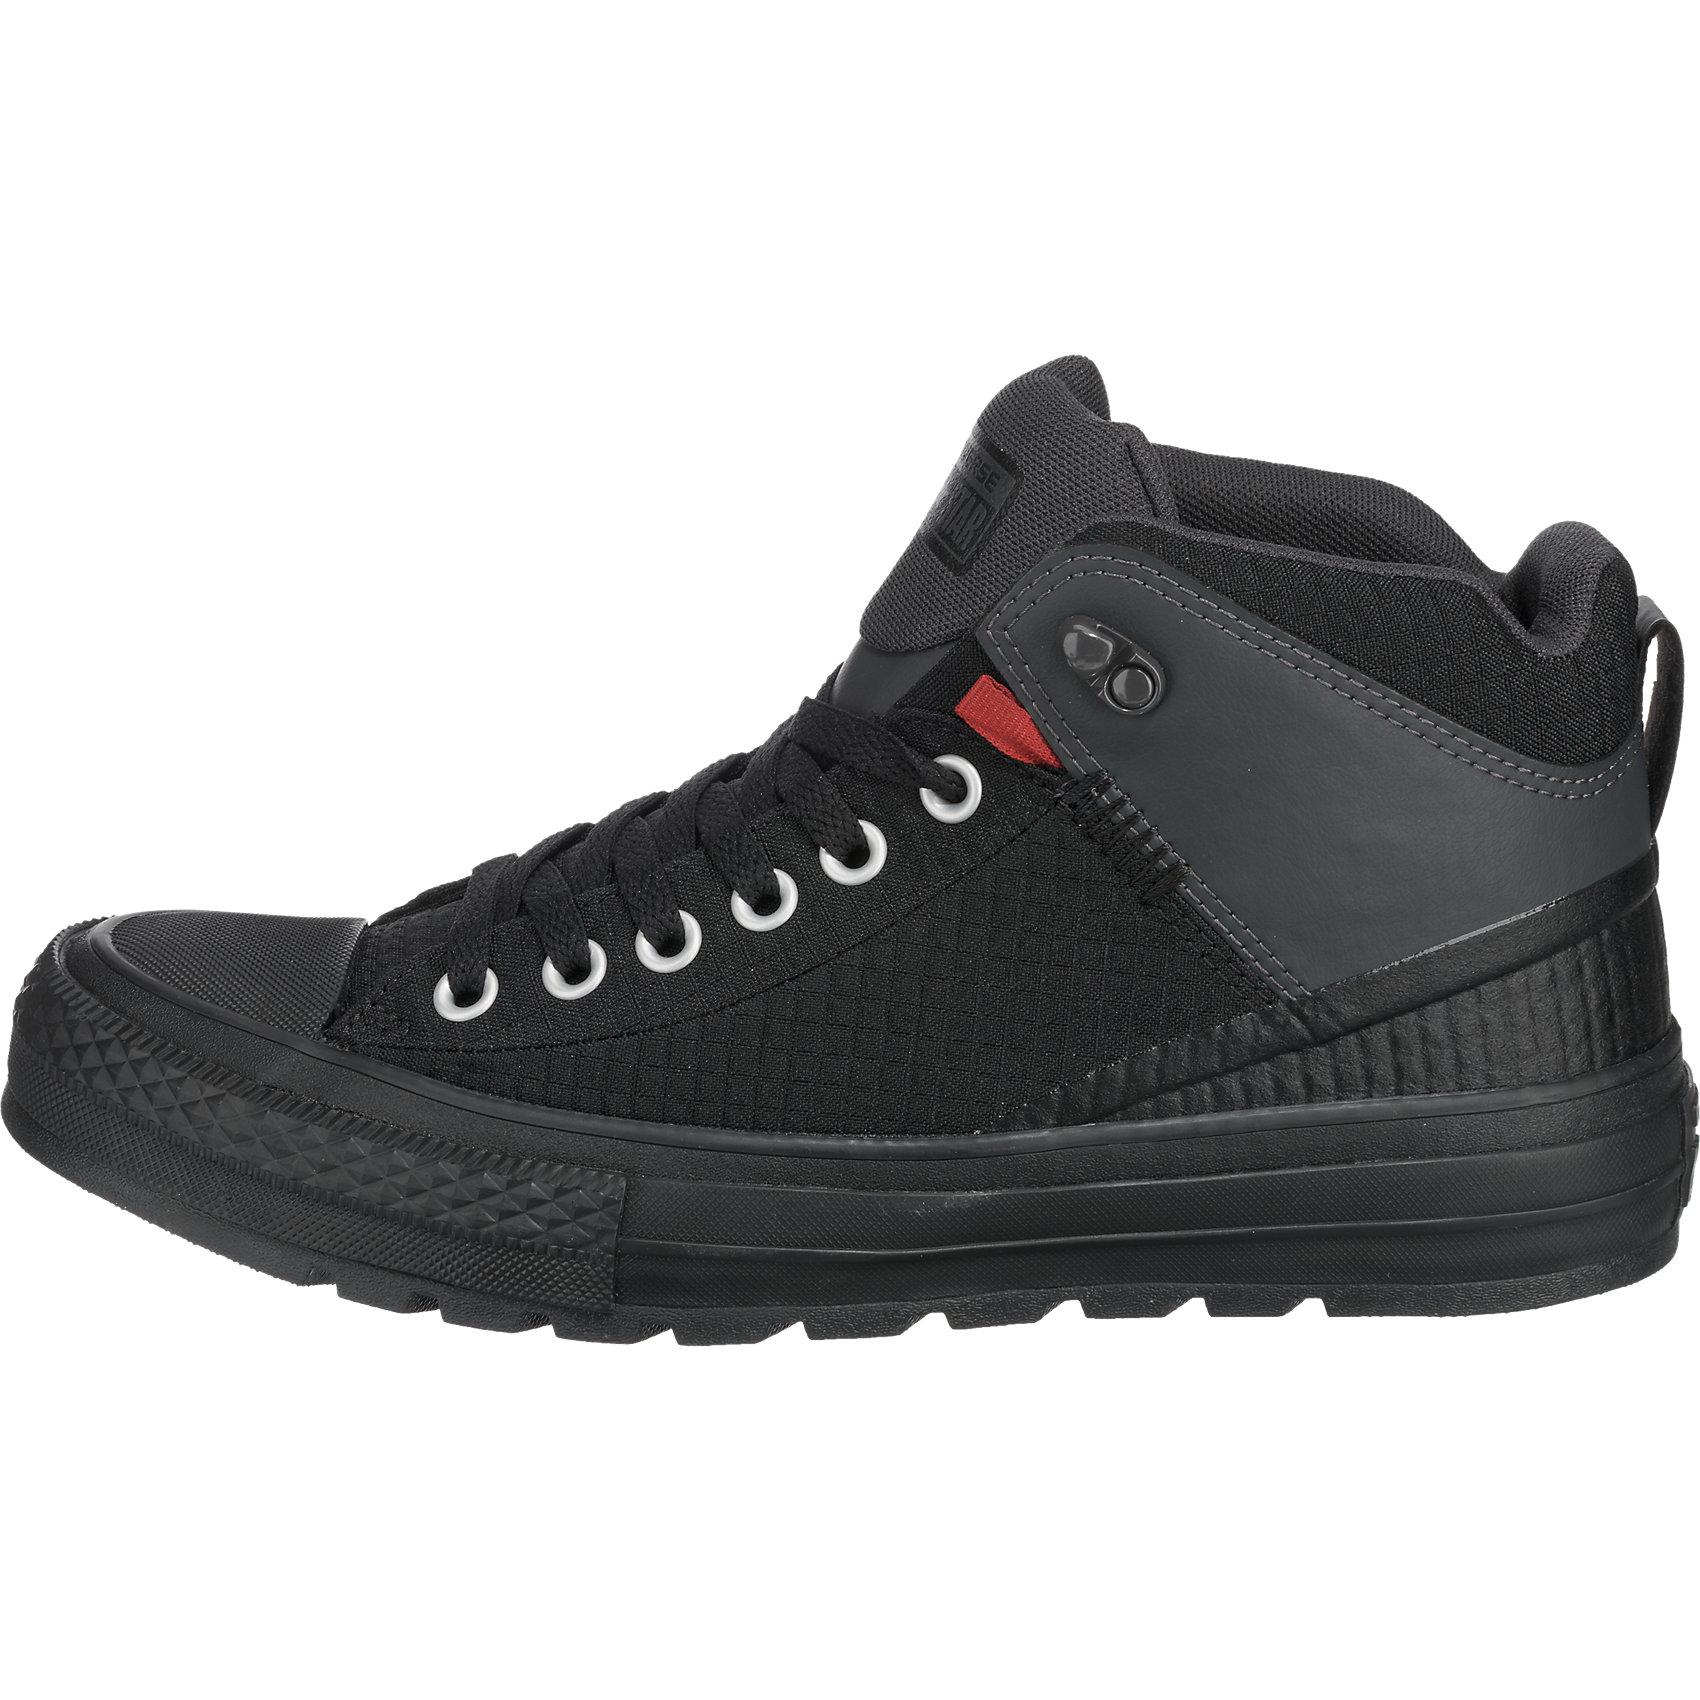 NEU CONVERSE CT All Star Street Boot Hi Größe 41,5 Sneaker